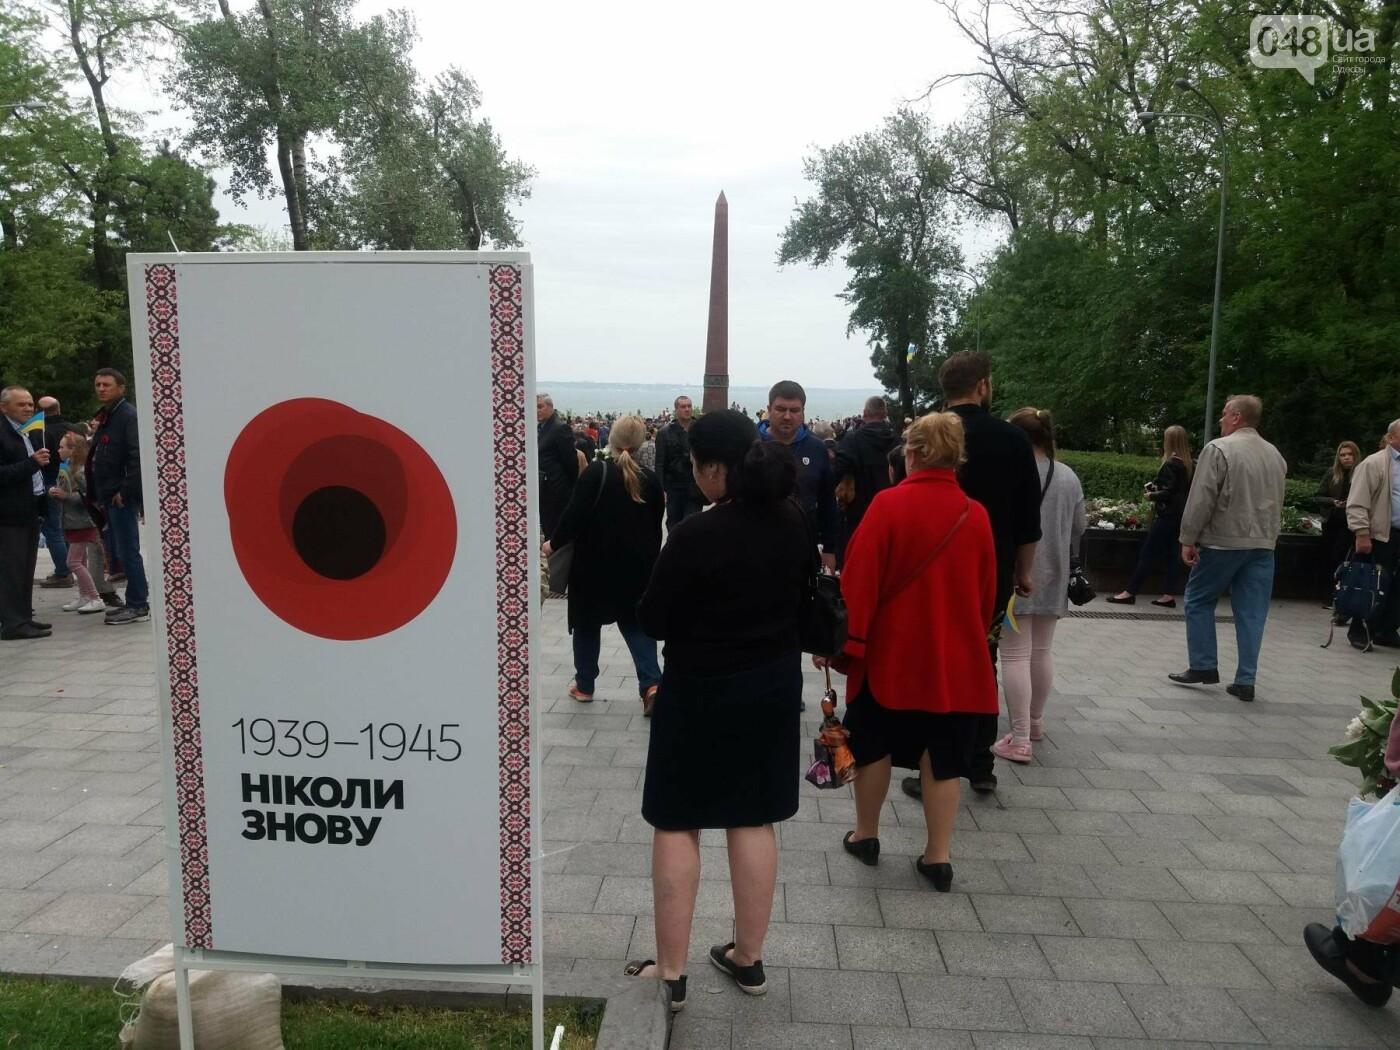 9 мая в Одессе: хронология событий и итоги, - ФОТО, ВИДЕО, фото-18